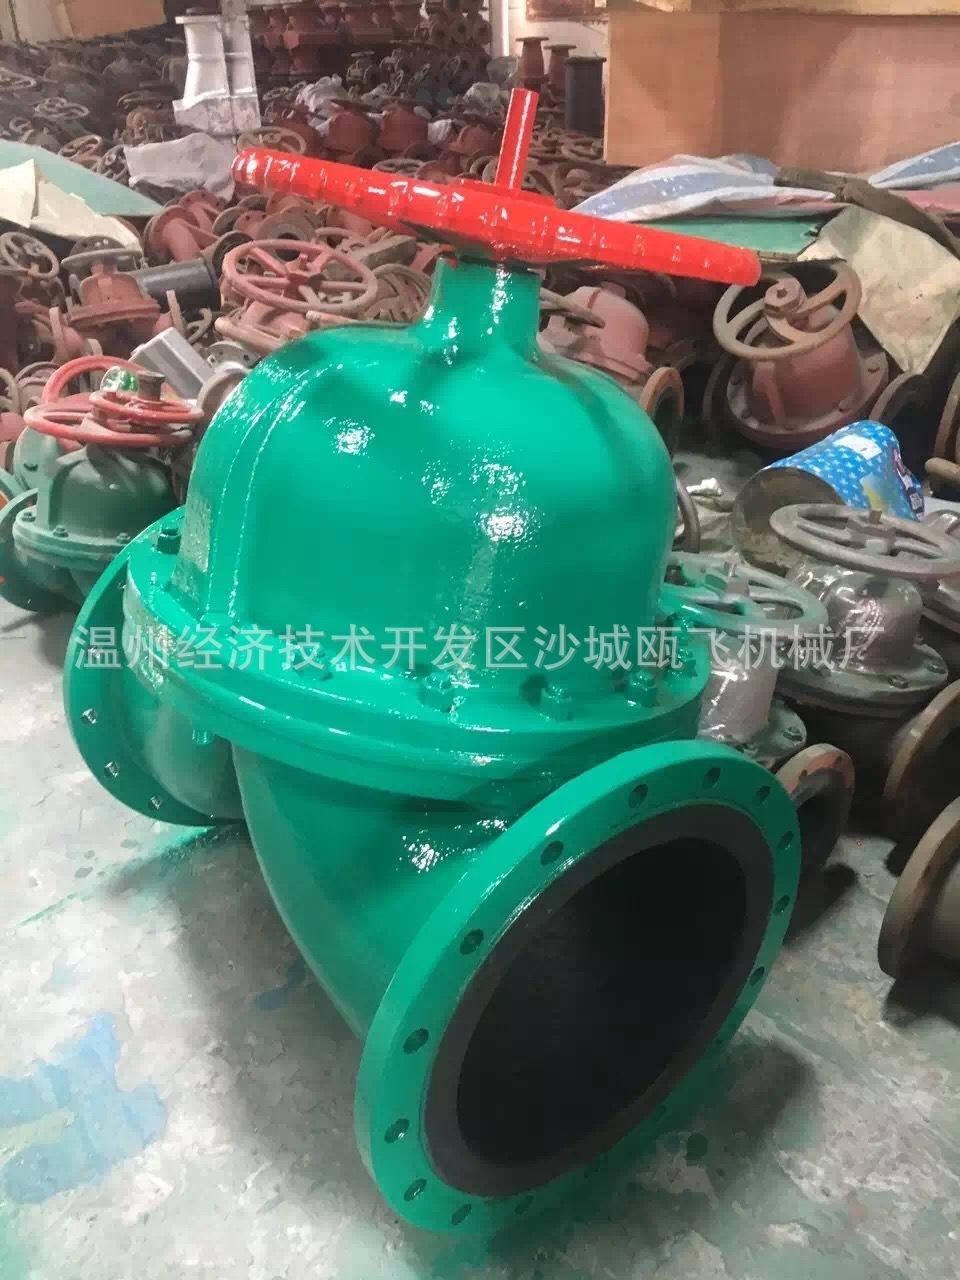 生产dn200衬胶隔膜阀g41j  价格:0元/个 最小采购量:0个 材质:铸钢图片